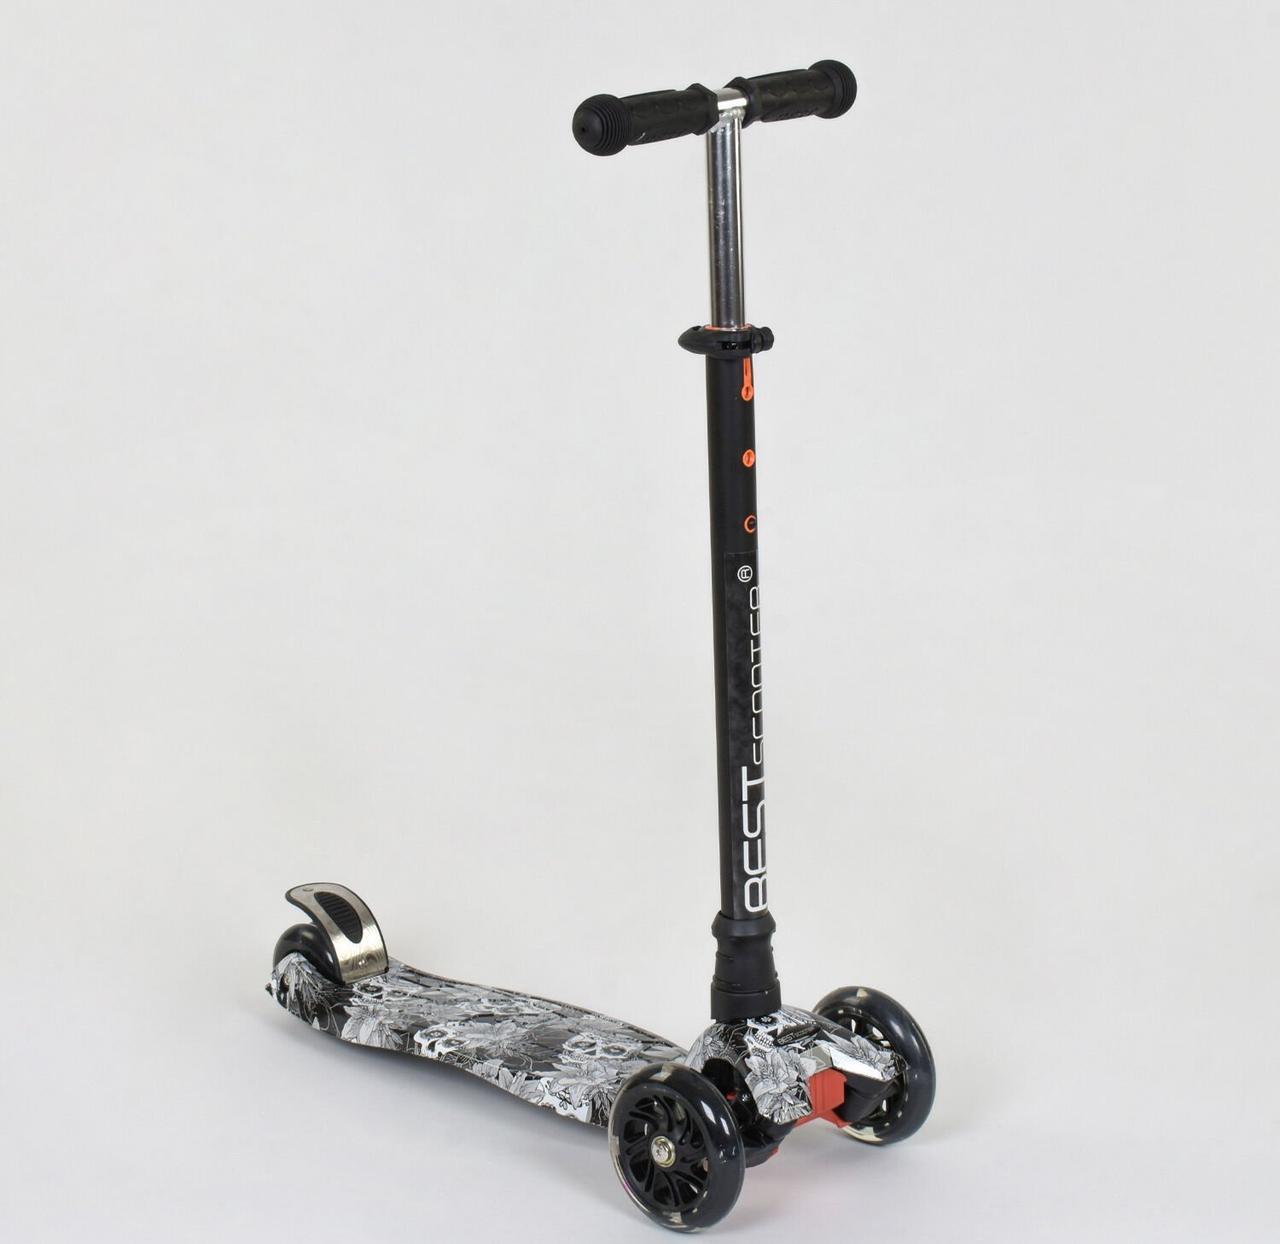 """Самокат MAXI """"Best Scooter"""" Череп  пластмассовый, 4 колеса PU, СВЕТ, d=12см, трубка руля алюминиевая, в"""